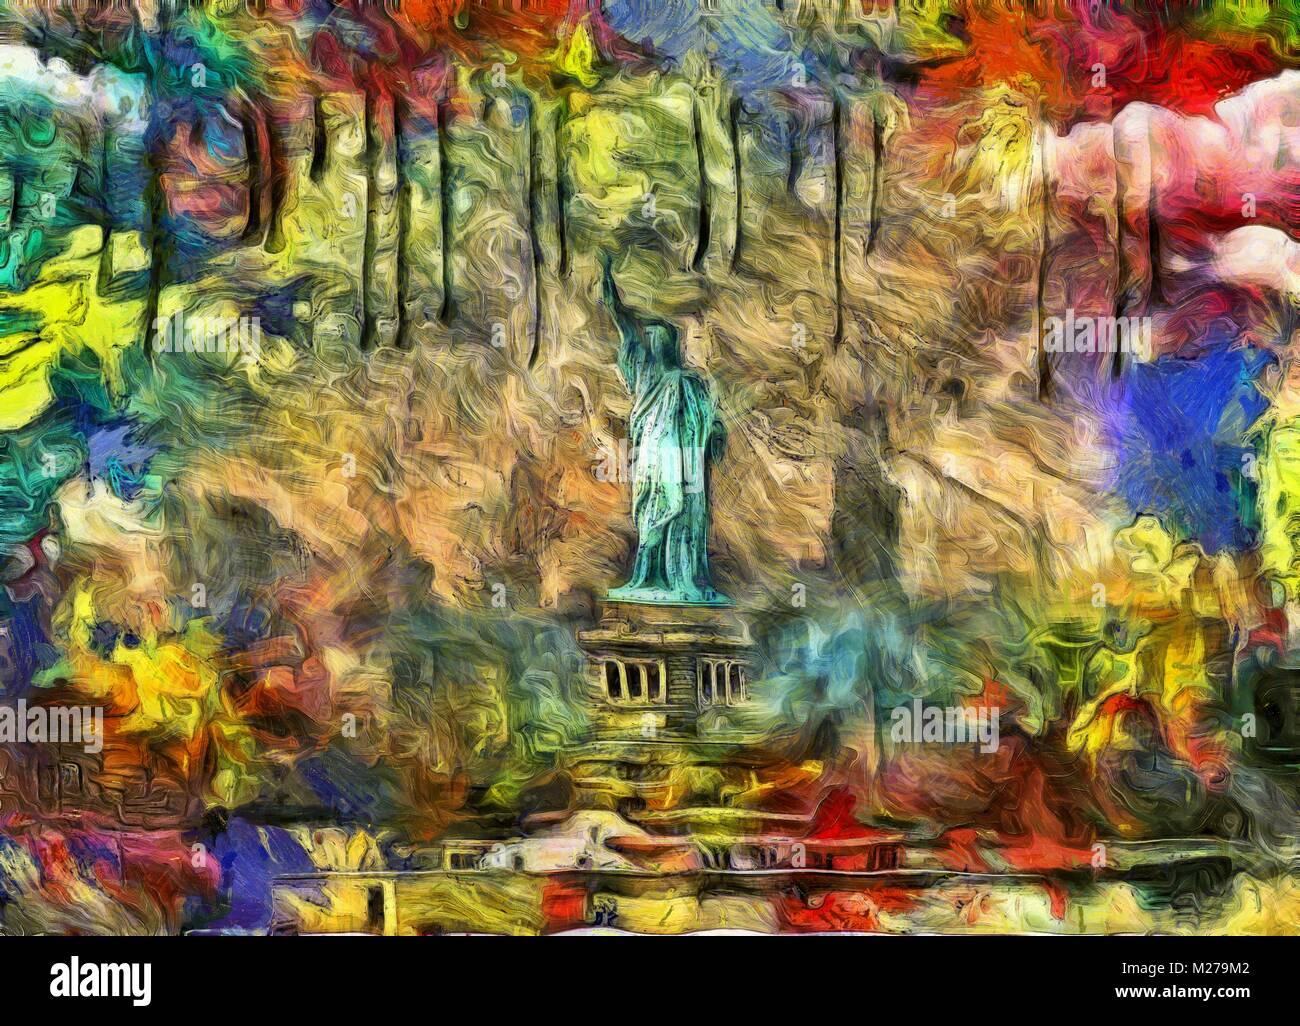 La peinture moderne. Statue de la liberté Photo Stock - Alamy